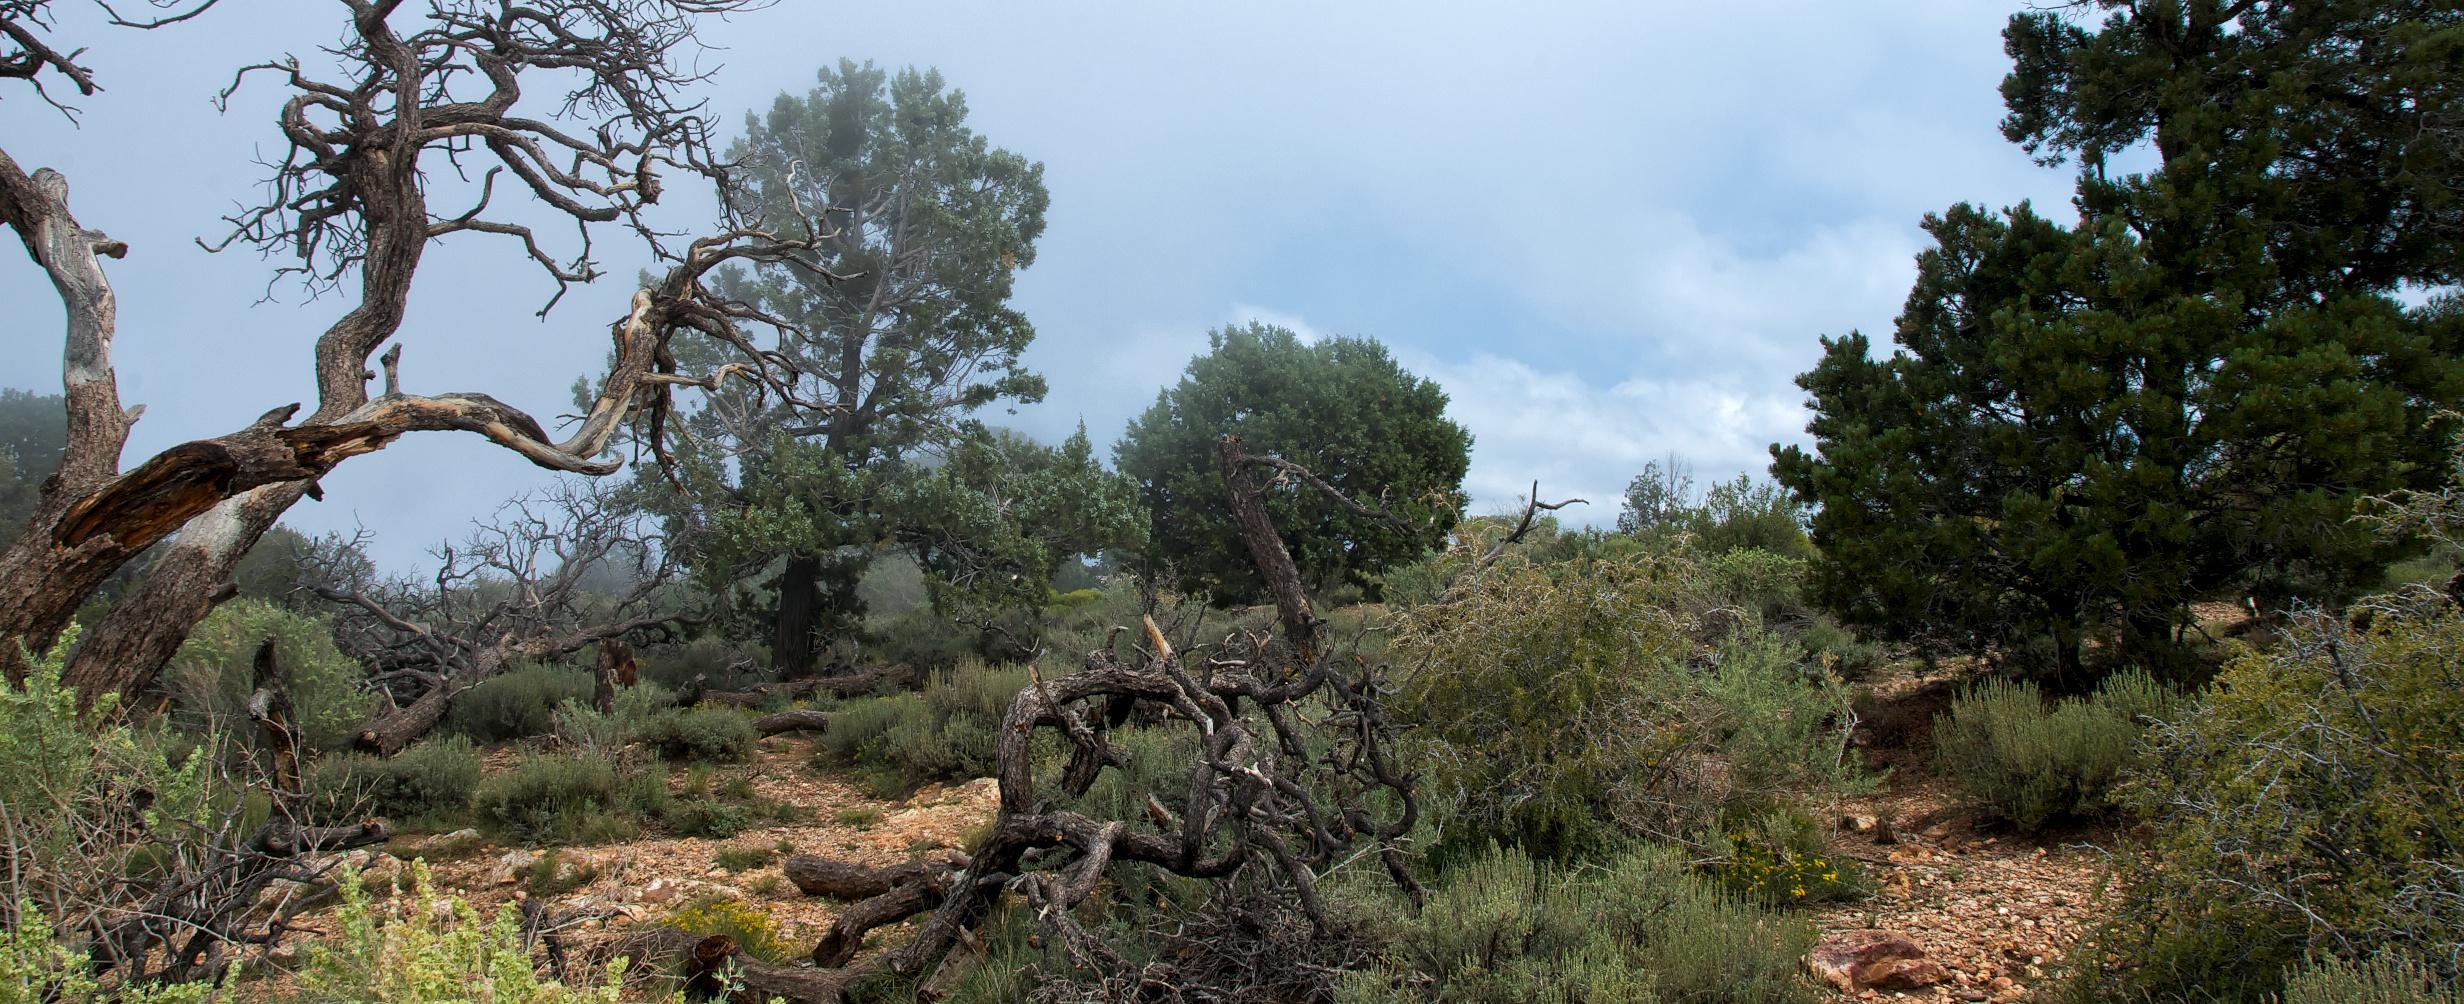 Leserfoto - Grand Canyon at Navajo Point:  Der Vorder-/Hintergrund vor lauter Bäumen